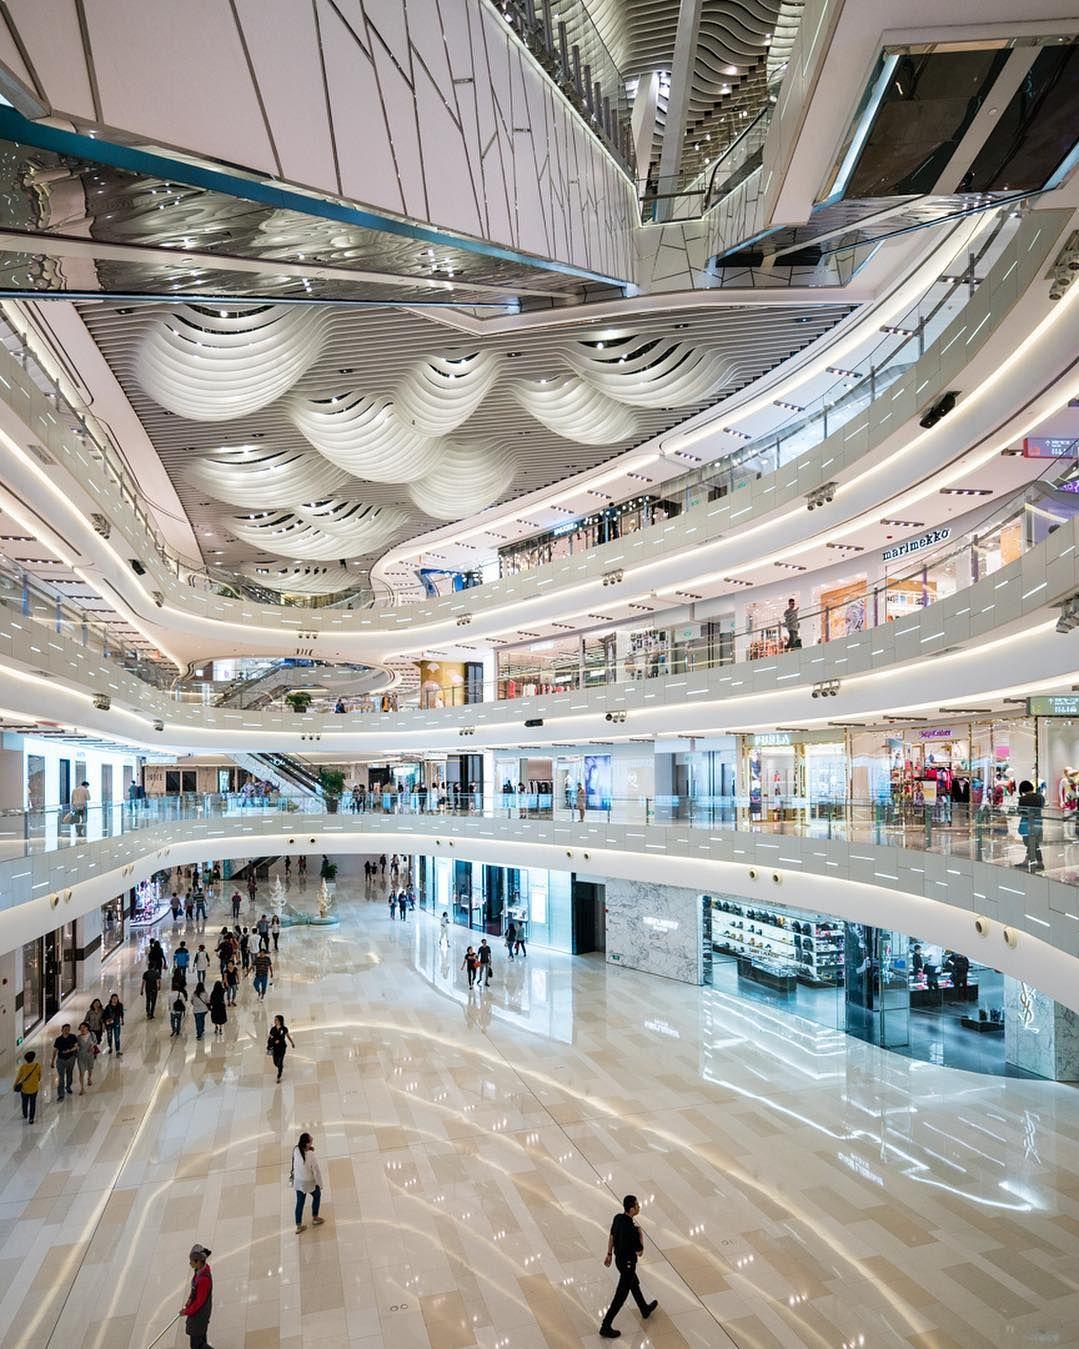 Iapm mall ceiling by #wonderwall  #archdaily by bshigeta